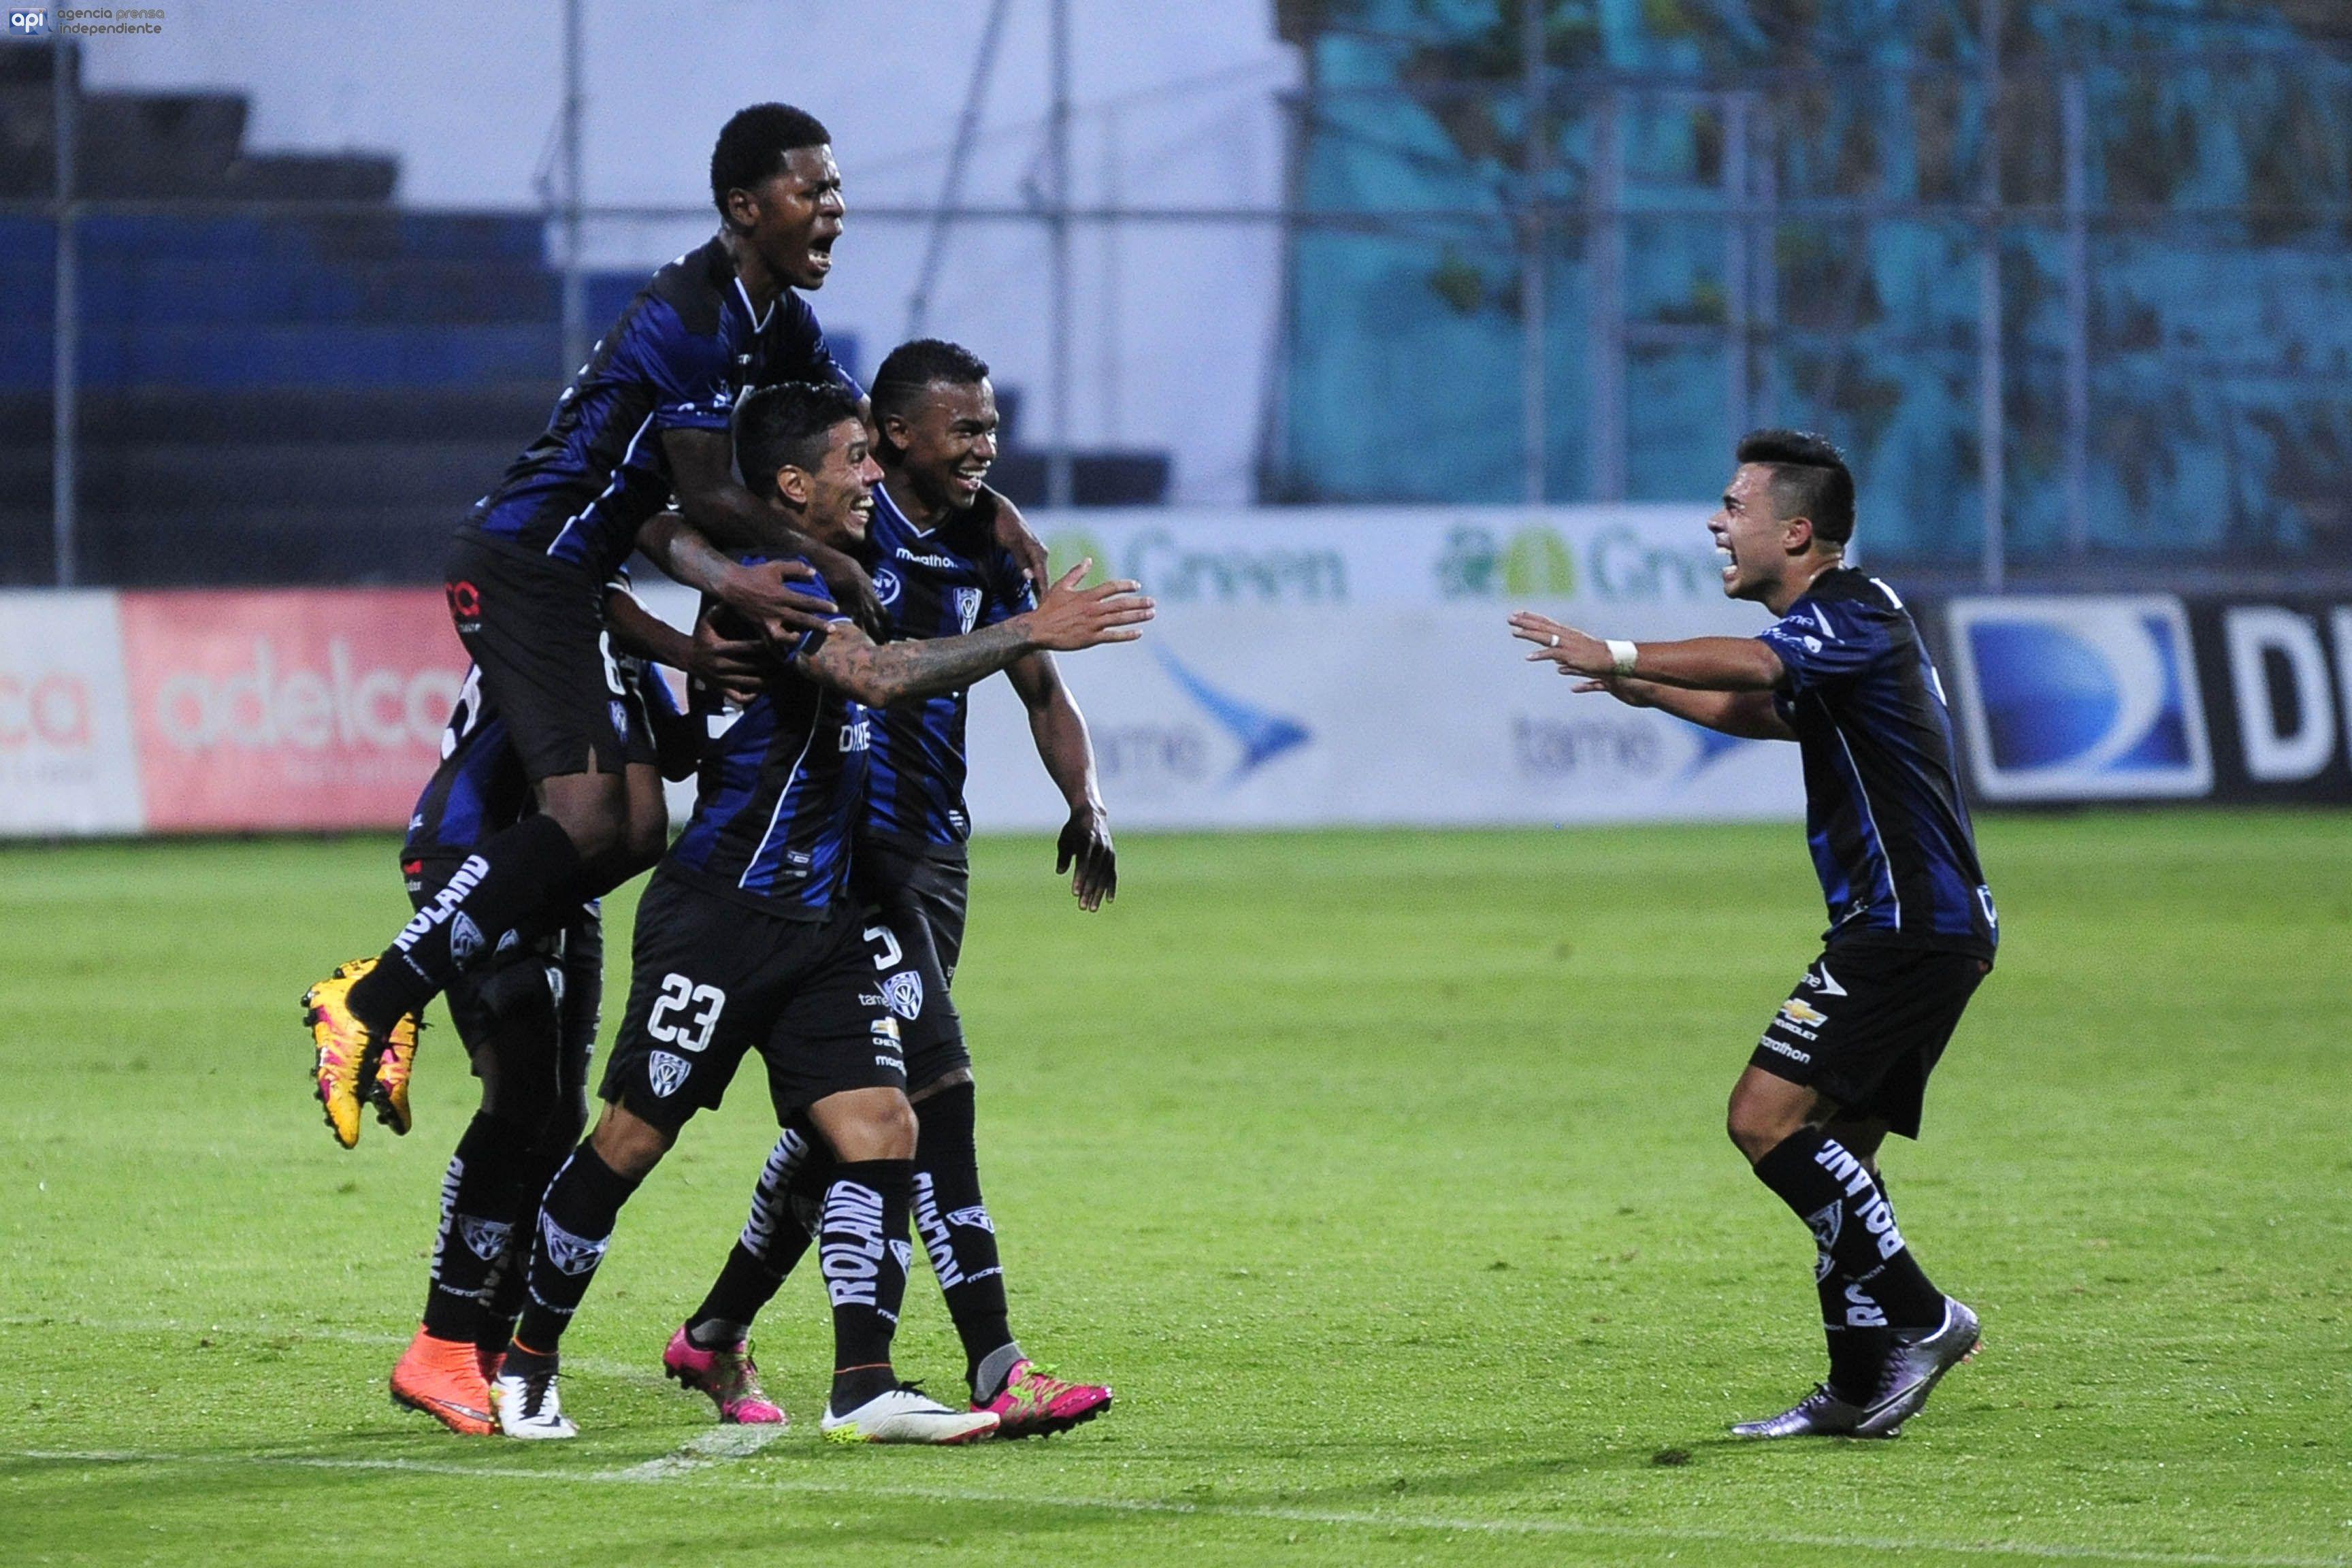 ¡HISTÓRICO! Independiente del Valle pasa a semifinales y enfrentará a Boca Juniors